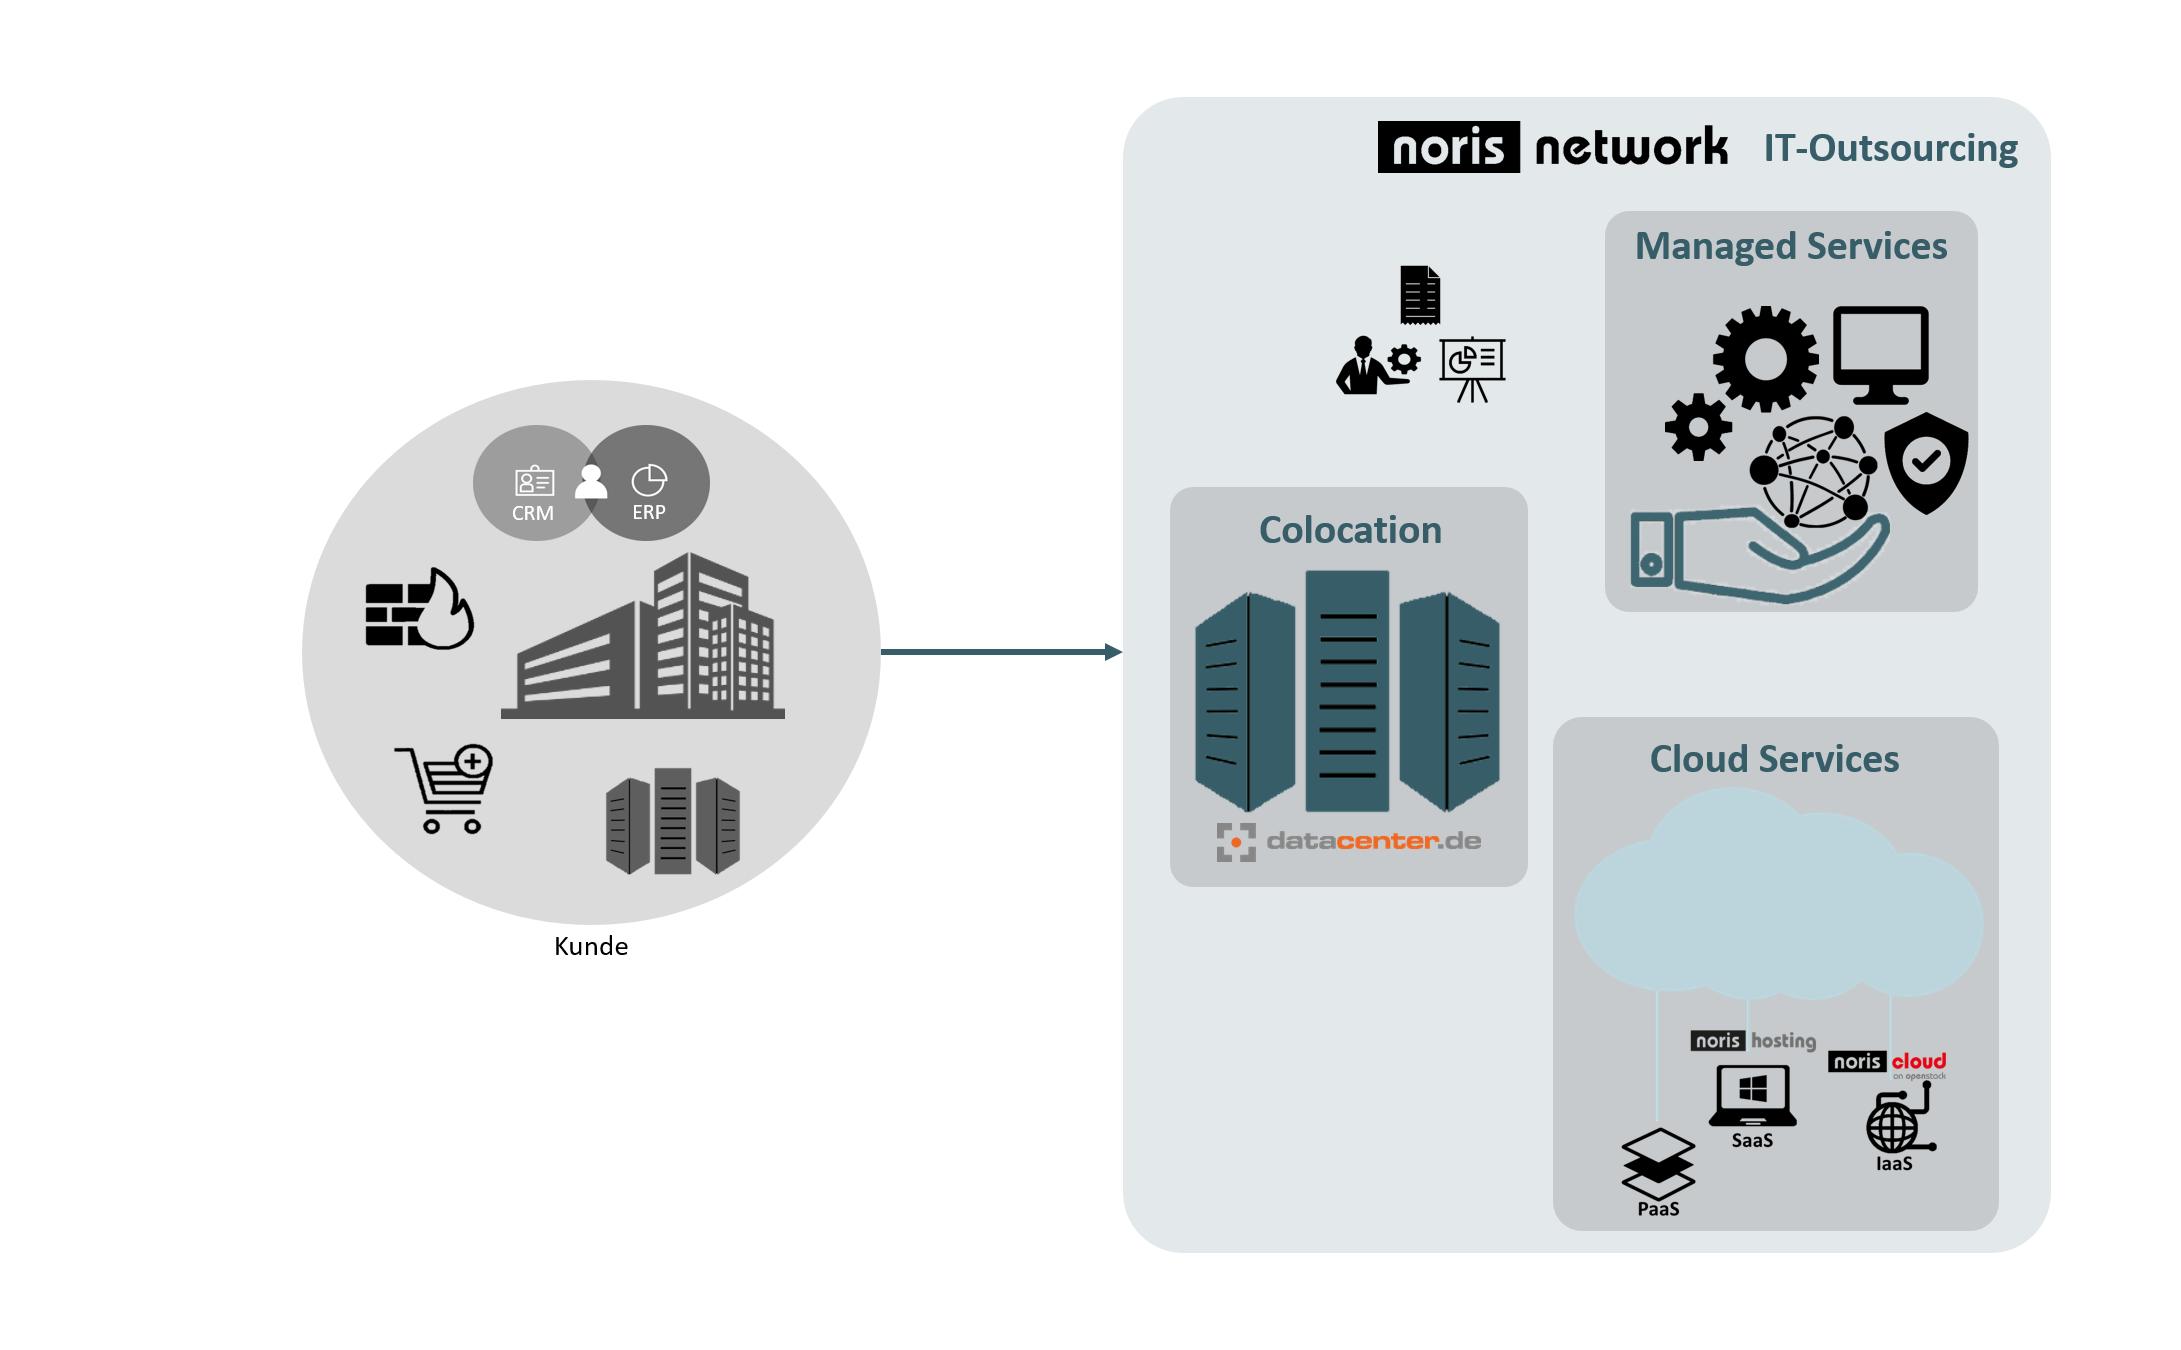 noris network als Premium-Dienstleister für IT-Services